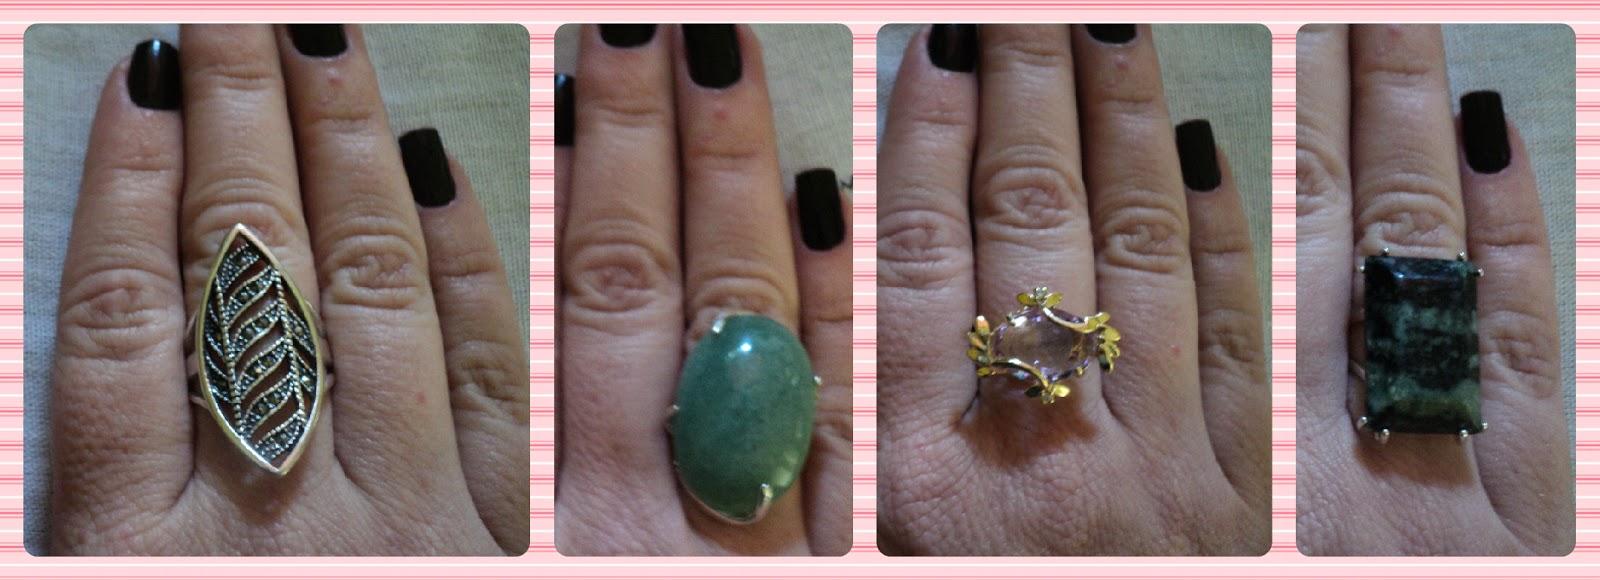 Consignação joias semi-joias revenda meu visual